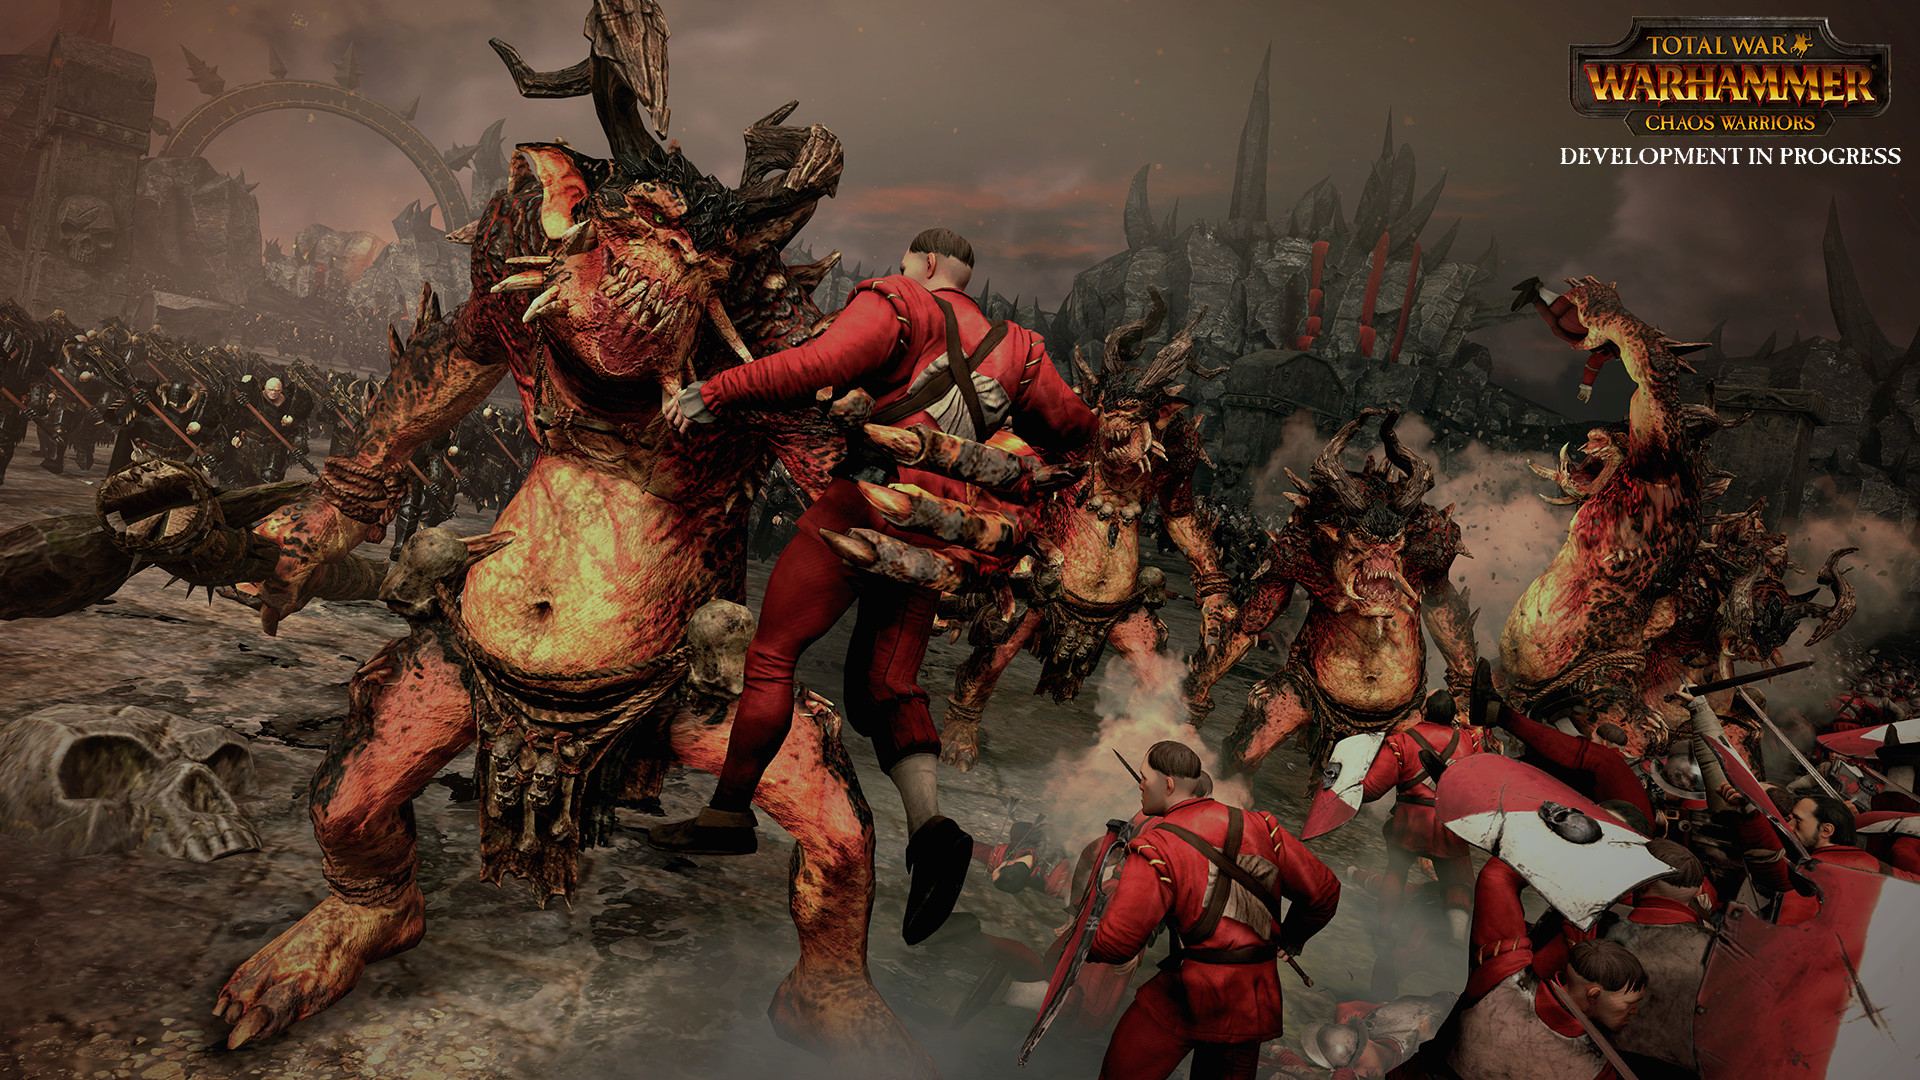 total-war-warhammer-chaos-warriors-race-pack-review-screenshot-3